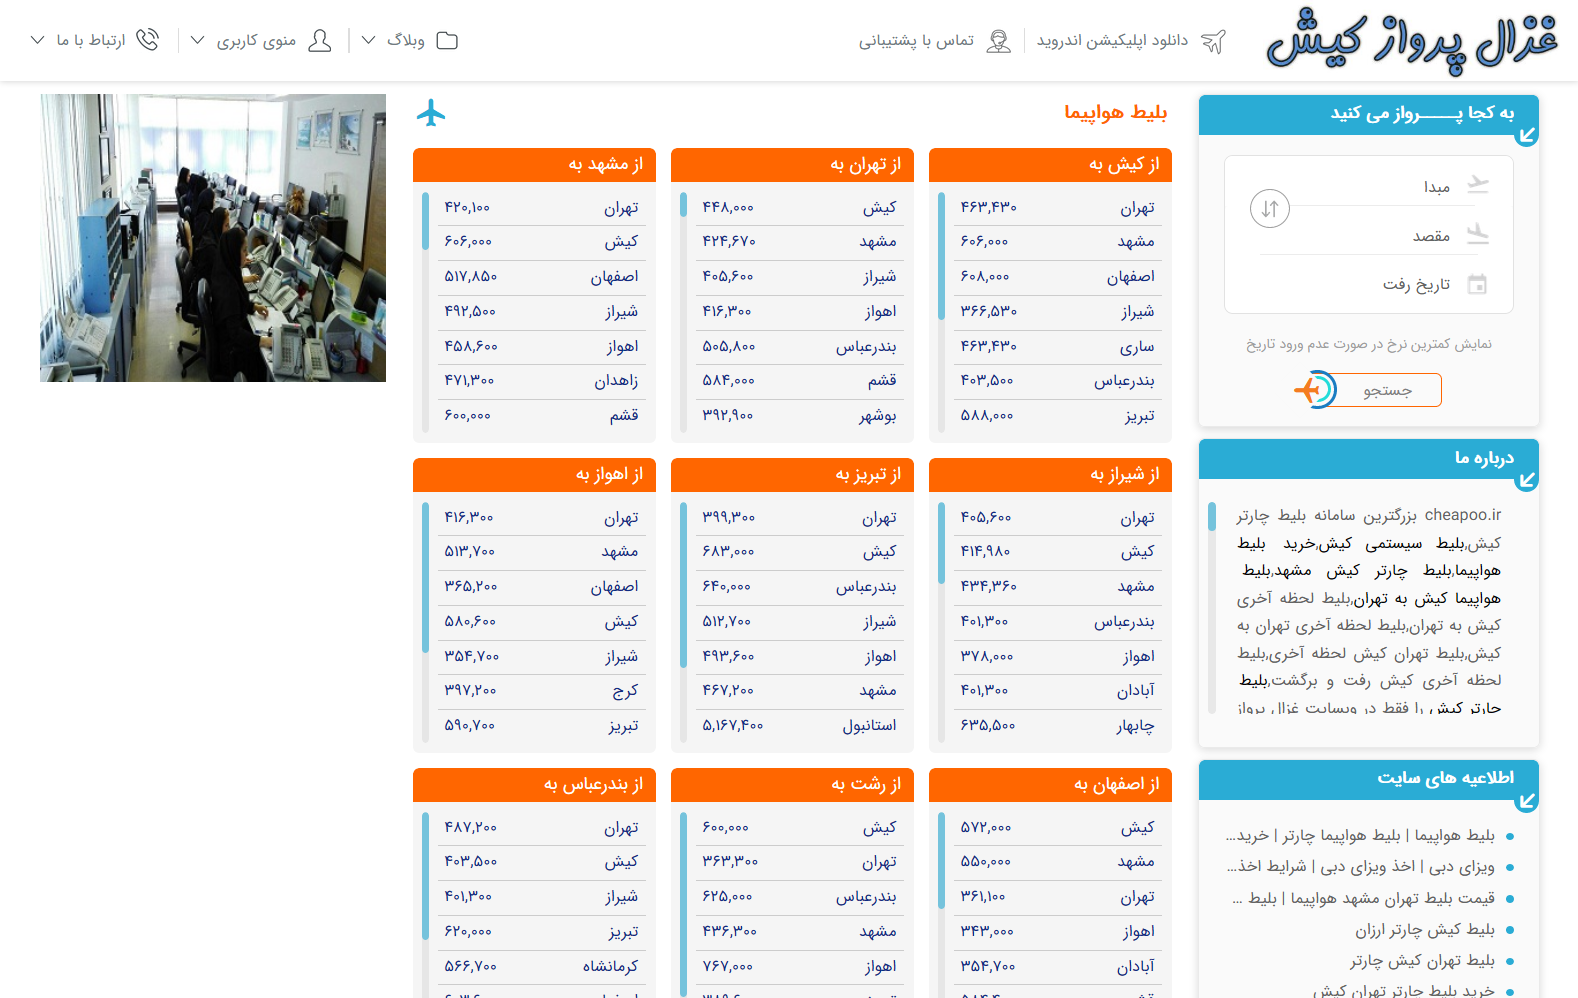 جستجوی آسان و ارزان پرواز شیراز . در خطوط پرواز تهران به شیراز چارتر ارزانترین ایرلاین ها و تمام ایرلاین هایی که پرواز دارند ماهان ، تهران ایر ، سپهران ، تابان ، زاگرس ، آتا میباشند .